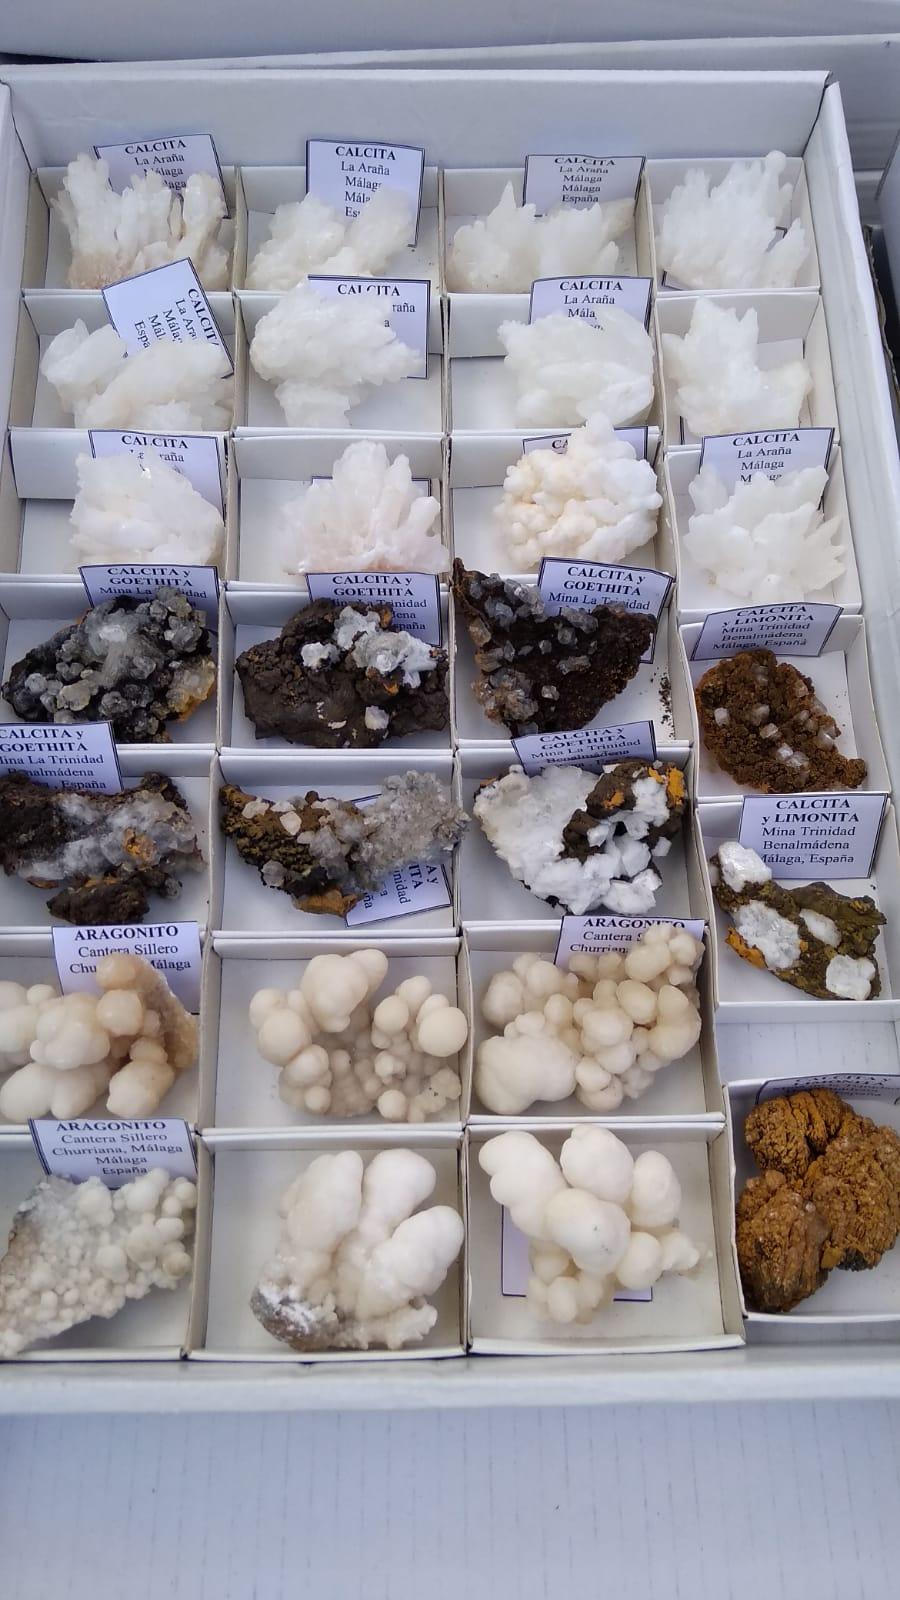 I Feria de minerales intercambio y venta de Cártama (MÁLAGA) - Página 5 Img-2039